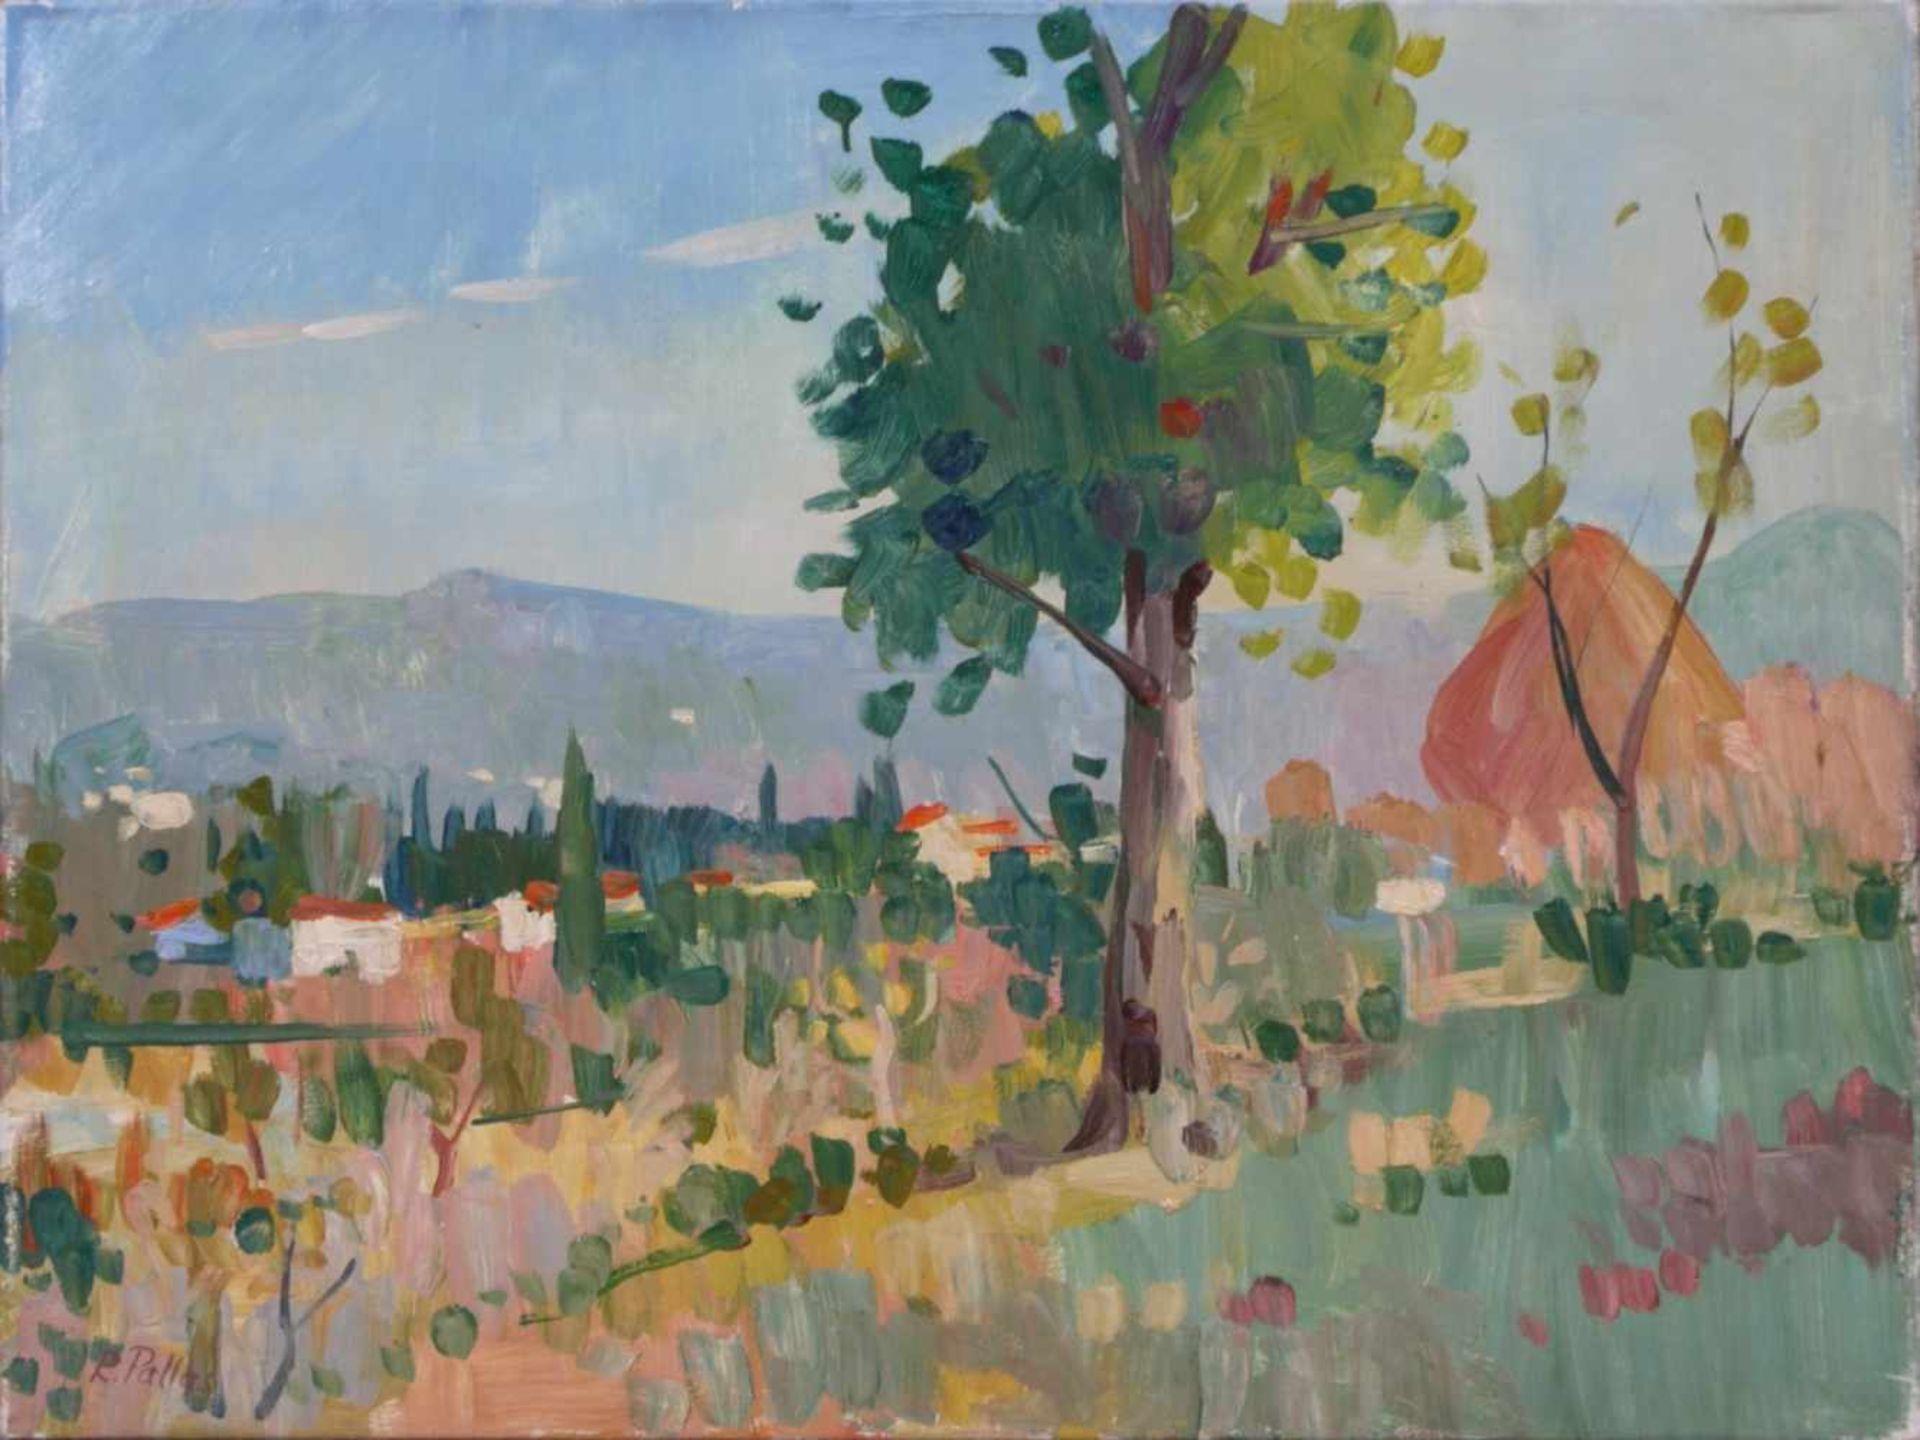 Pallas, Reinhold (1901-1970) - Bei ArezzoMediterrane Landschaft in der typischen Manier des